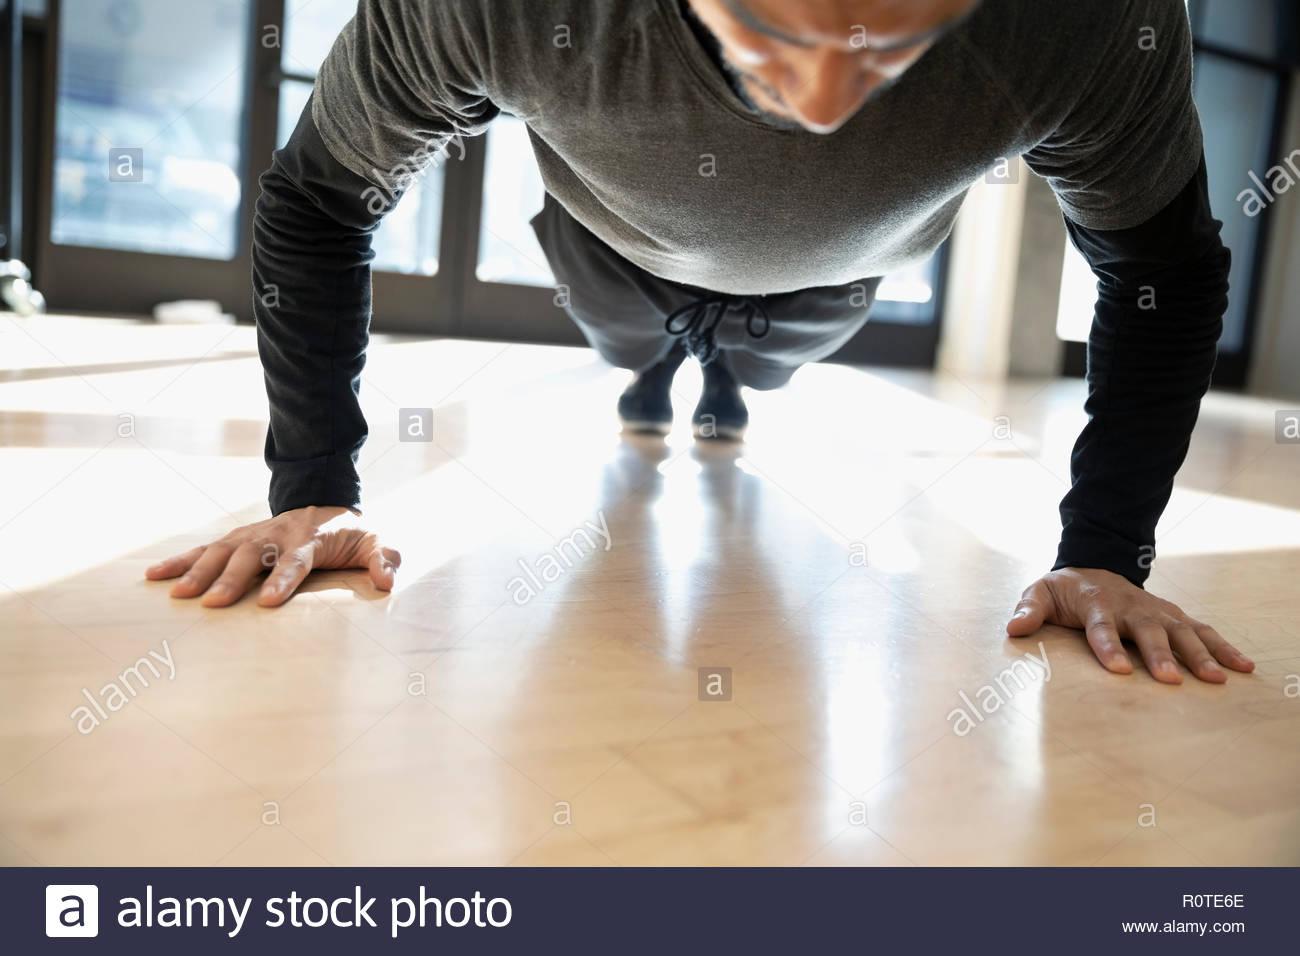 L'homme ciblé faisant de l'exercice dans la salle de sport planche Photo Stock